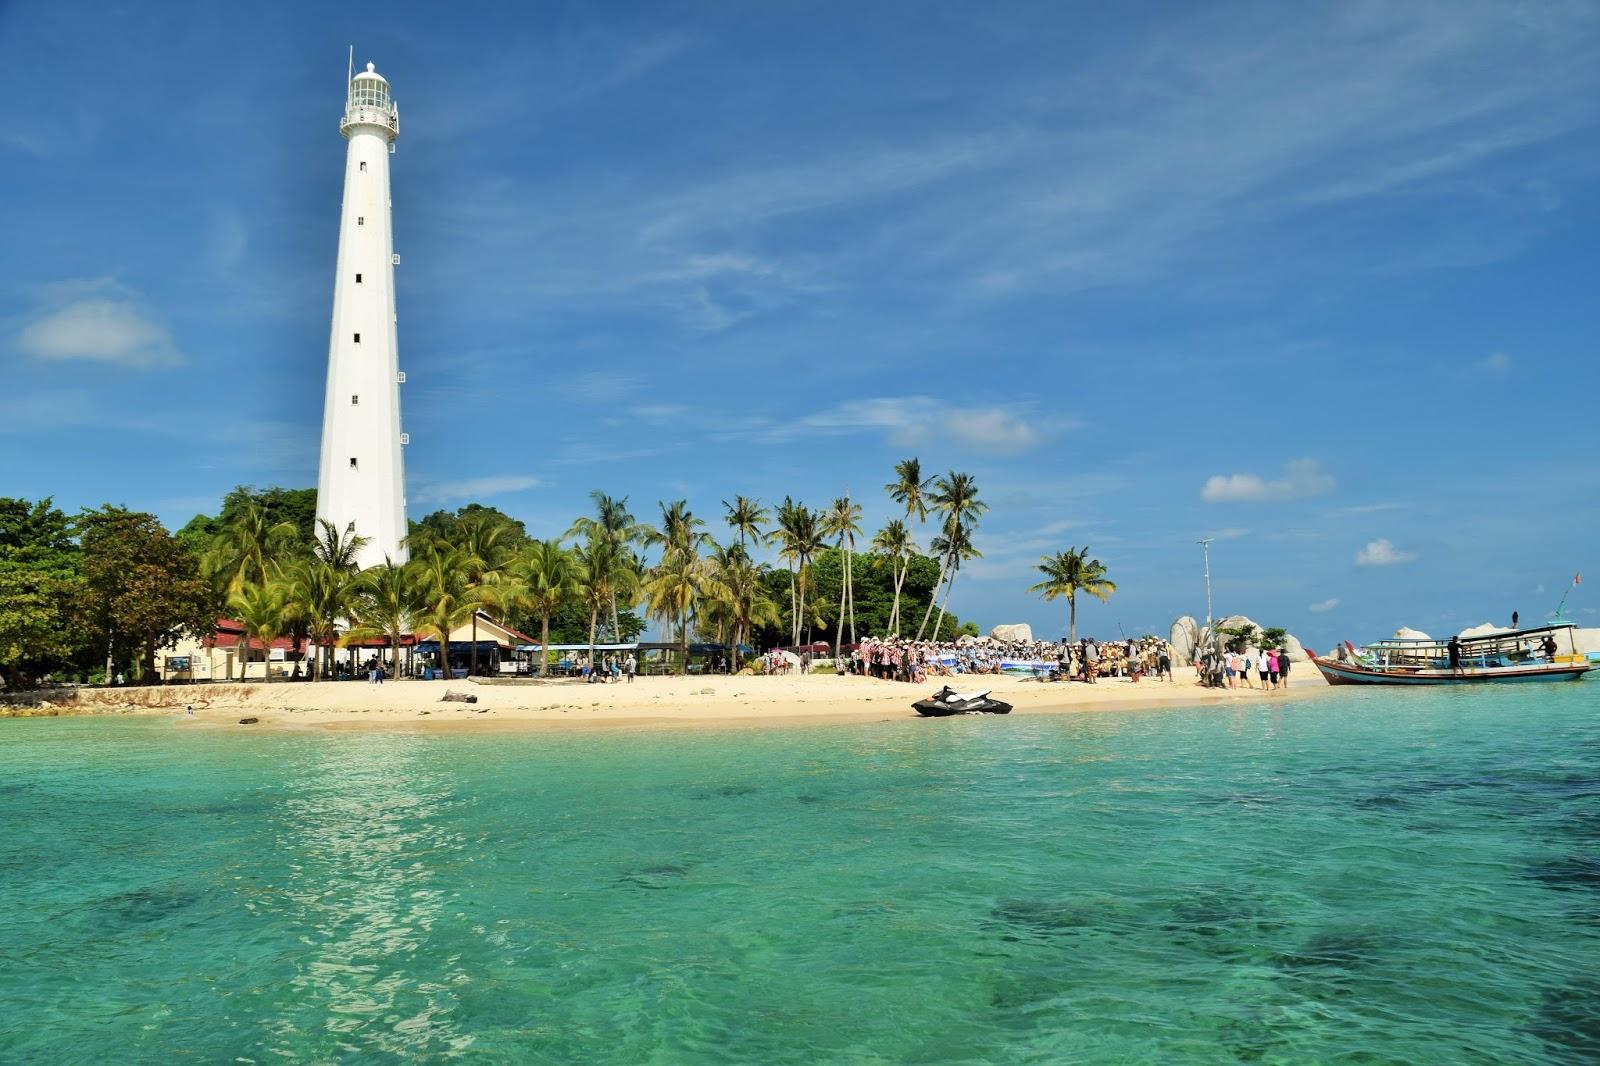 Agung Prasetiyo Mengintip Keindahan Wisata Pulau Lengkuas